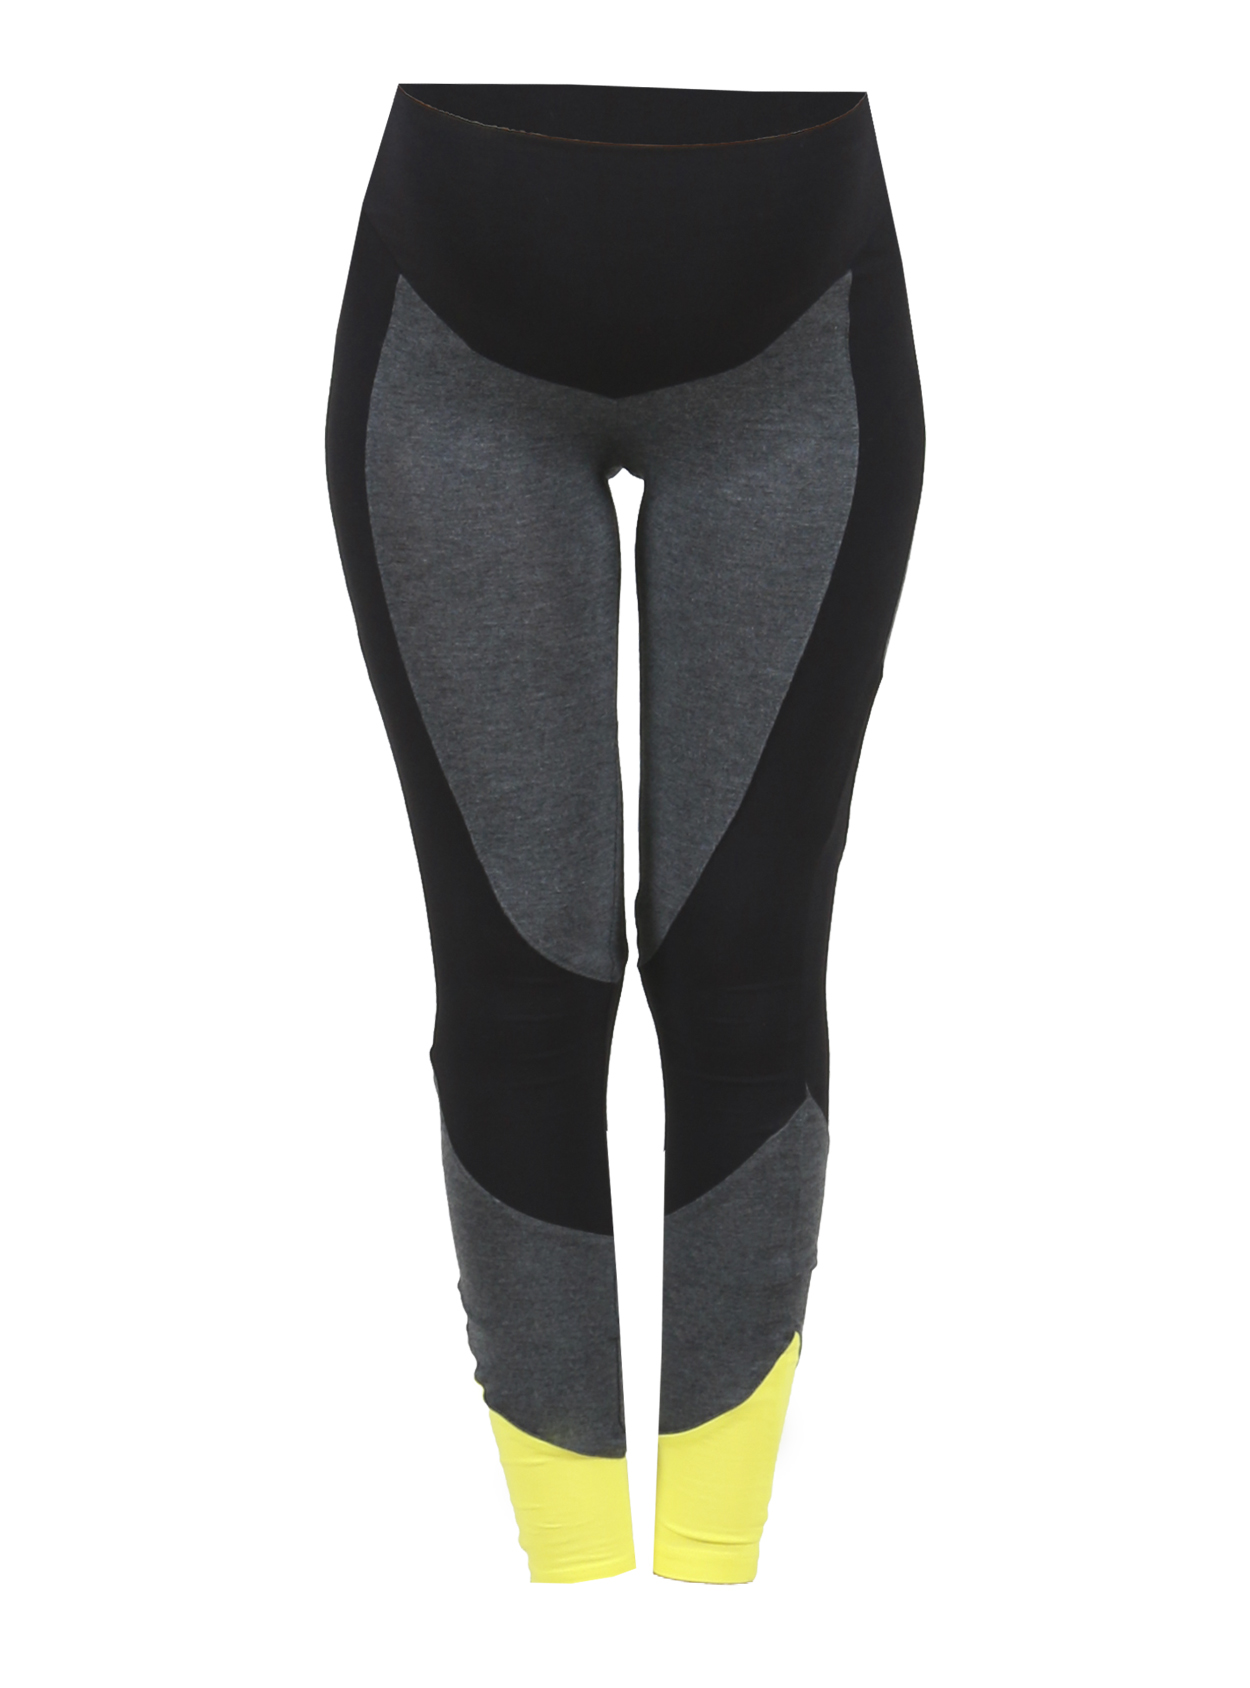 calidad autentica Venta de liquidación gran variedad de estilos Legging Premamá Deporte Piezas